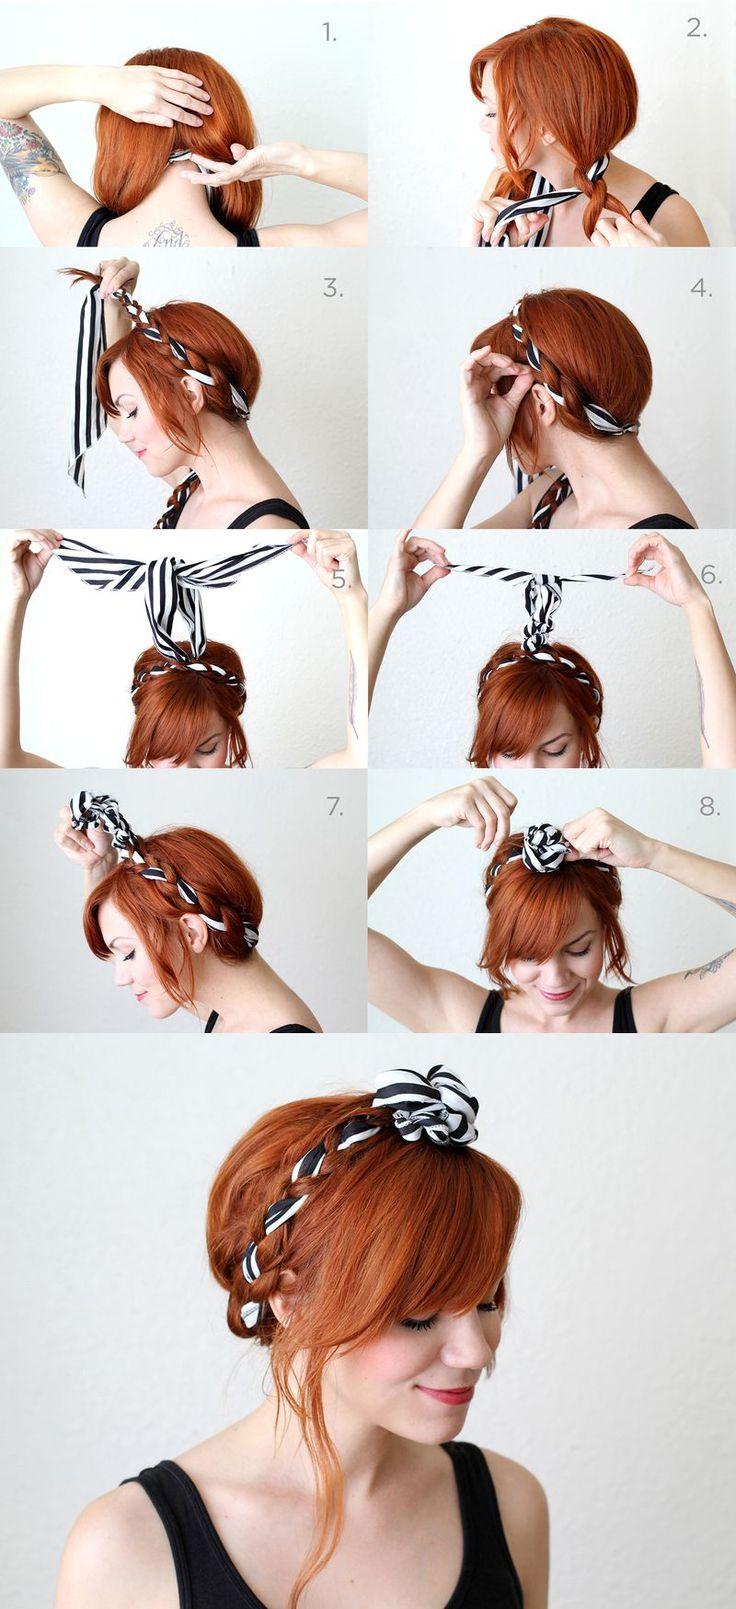 tuto pour se coiffer en tressant un foulard